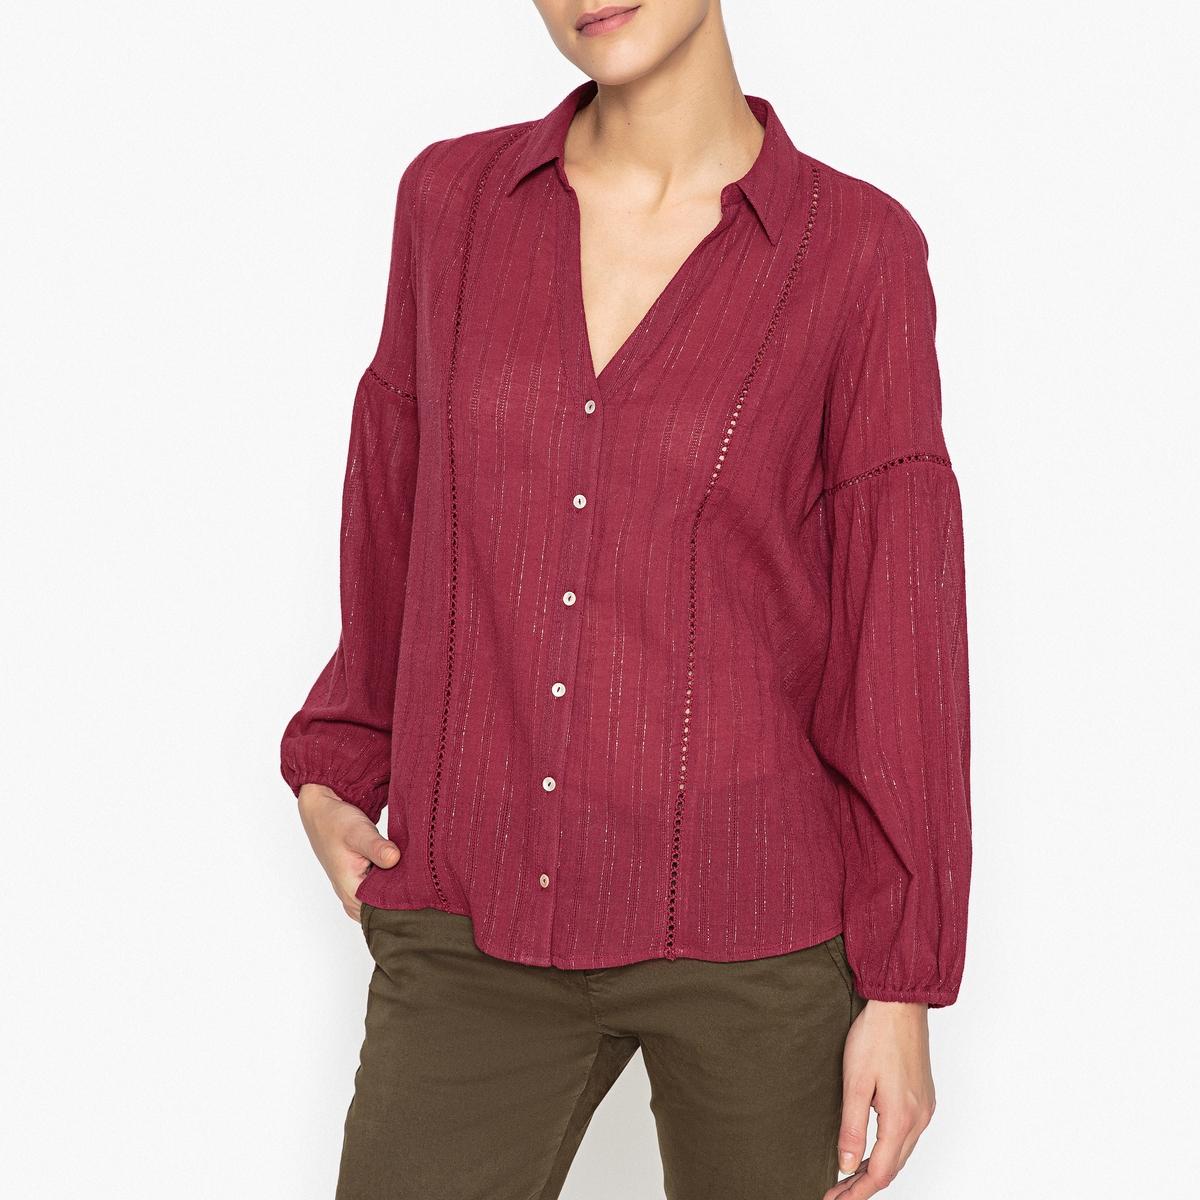 Рубашка блестящая LAKOTAОписание:Блестящая рубашка BA&amp;SH - модель LAKOTA с мережками и перламутровыми пуговицами.Детали  •  Длинные рукава •  Прямой покрой •  Воротник-поло, рубашечныйСостав и уход  •  98% хлопка, 2% металлизированного волокна •  Следуйте рекомендациям по уходу, указанным на этикетке изделия •  Эластичные манжеты •  Перламутровые пуговицы •  Мережки на рукавах •  V-образный вырез и рубашечный воротник<br><br>Цвет: сливовый<br>Размер: L